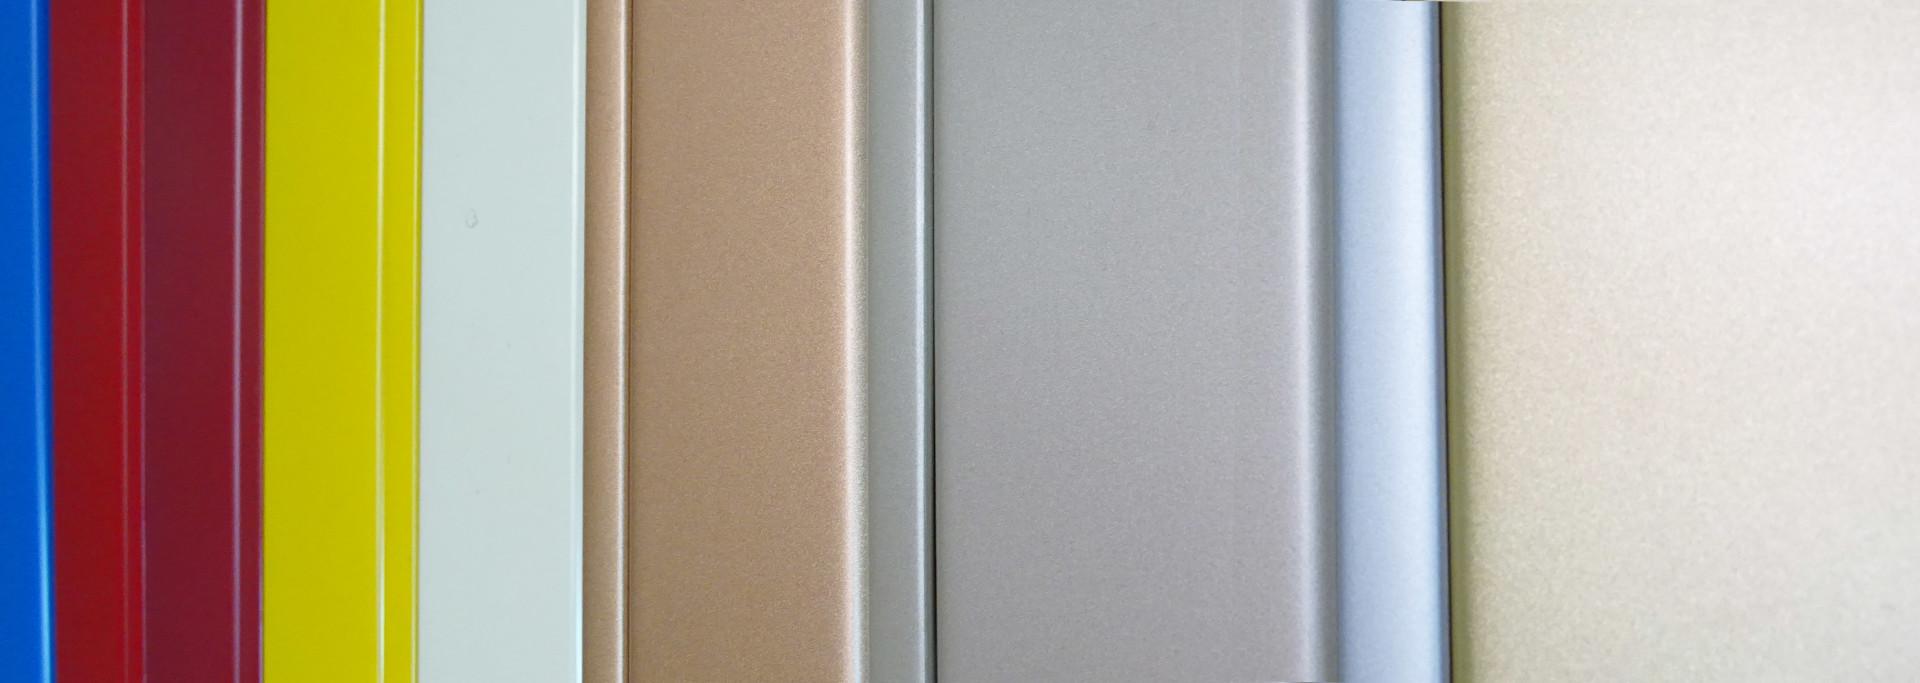 Алюминиевые рейки для потолка